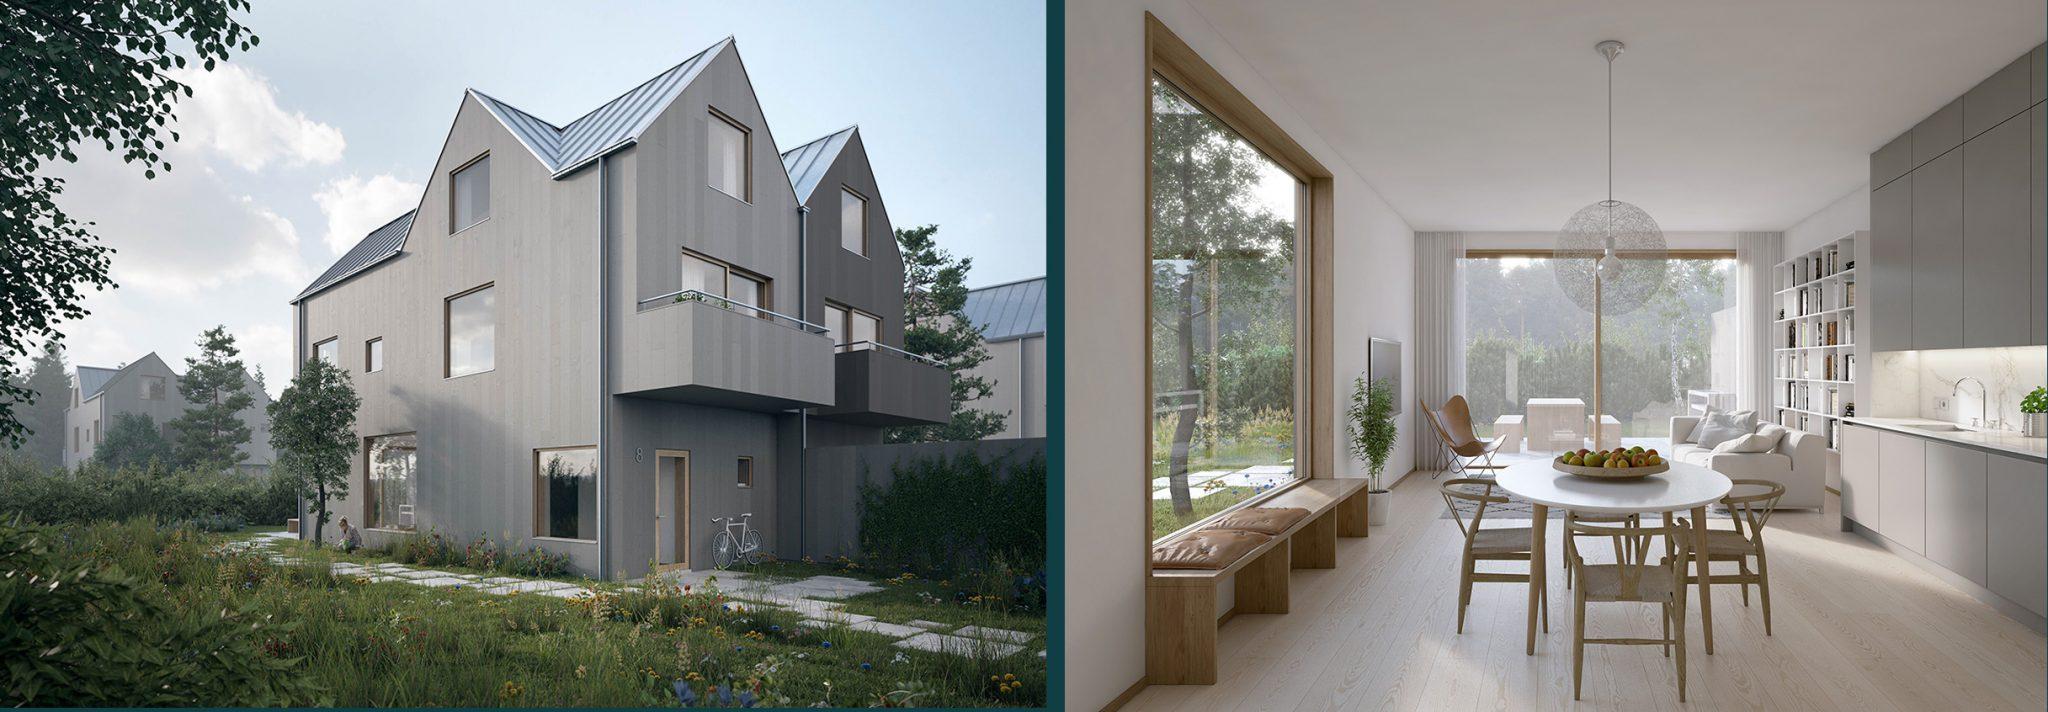 Nytt, fint parhusområde i Stockholm av Rex Arkitektbyrå